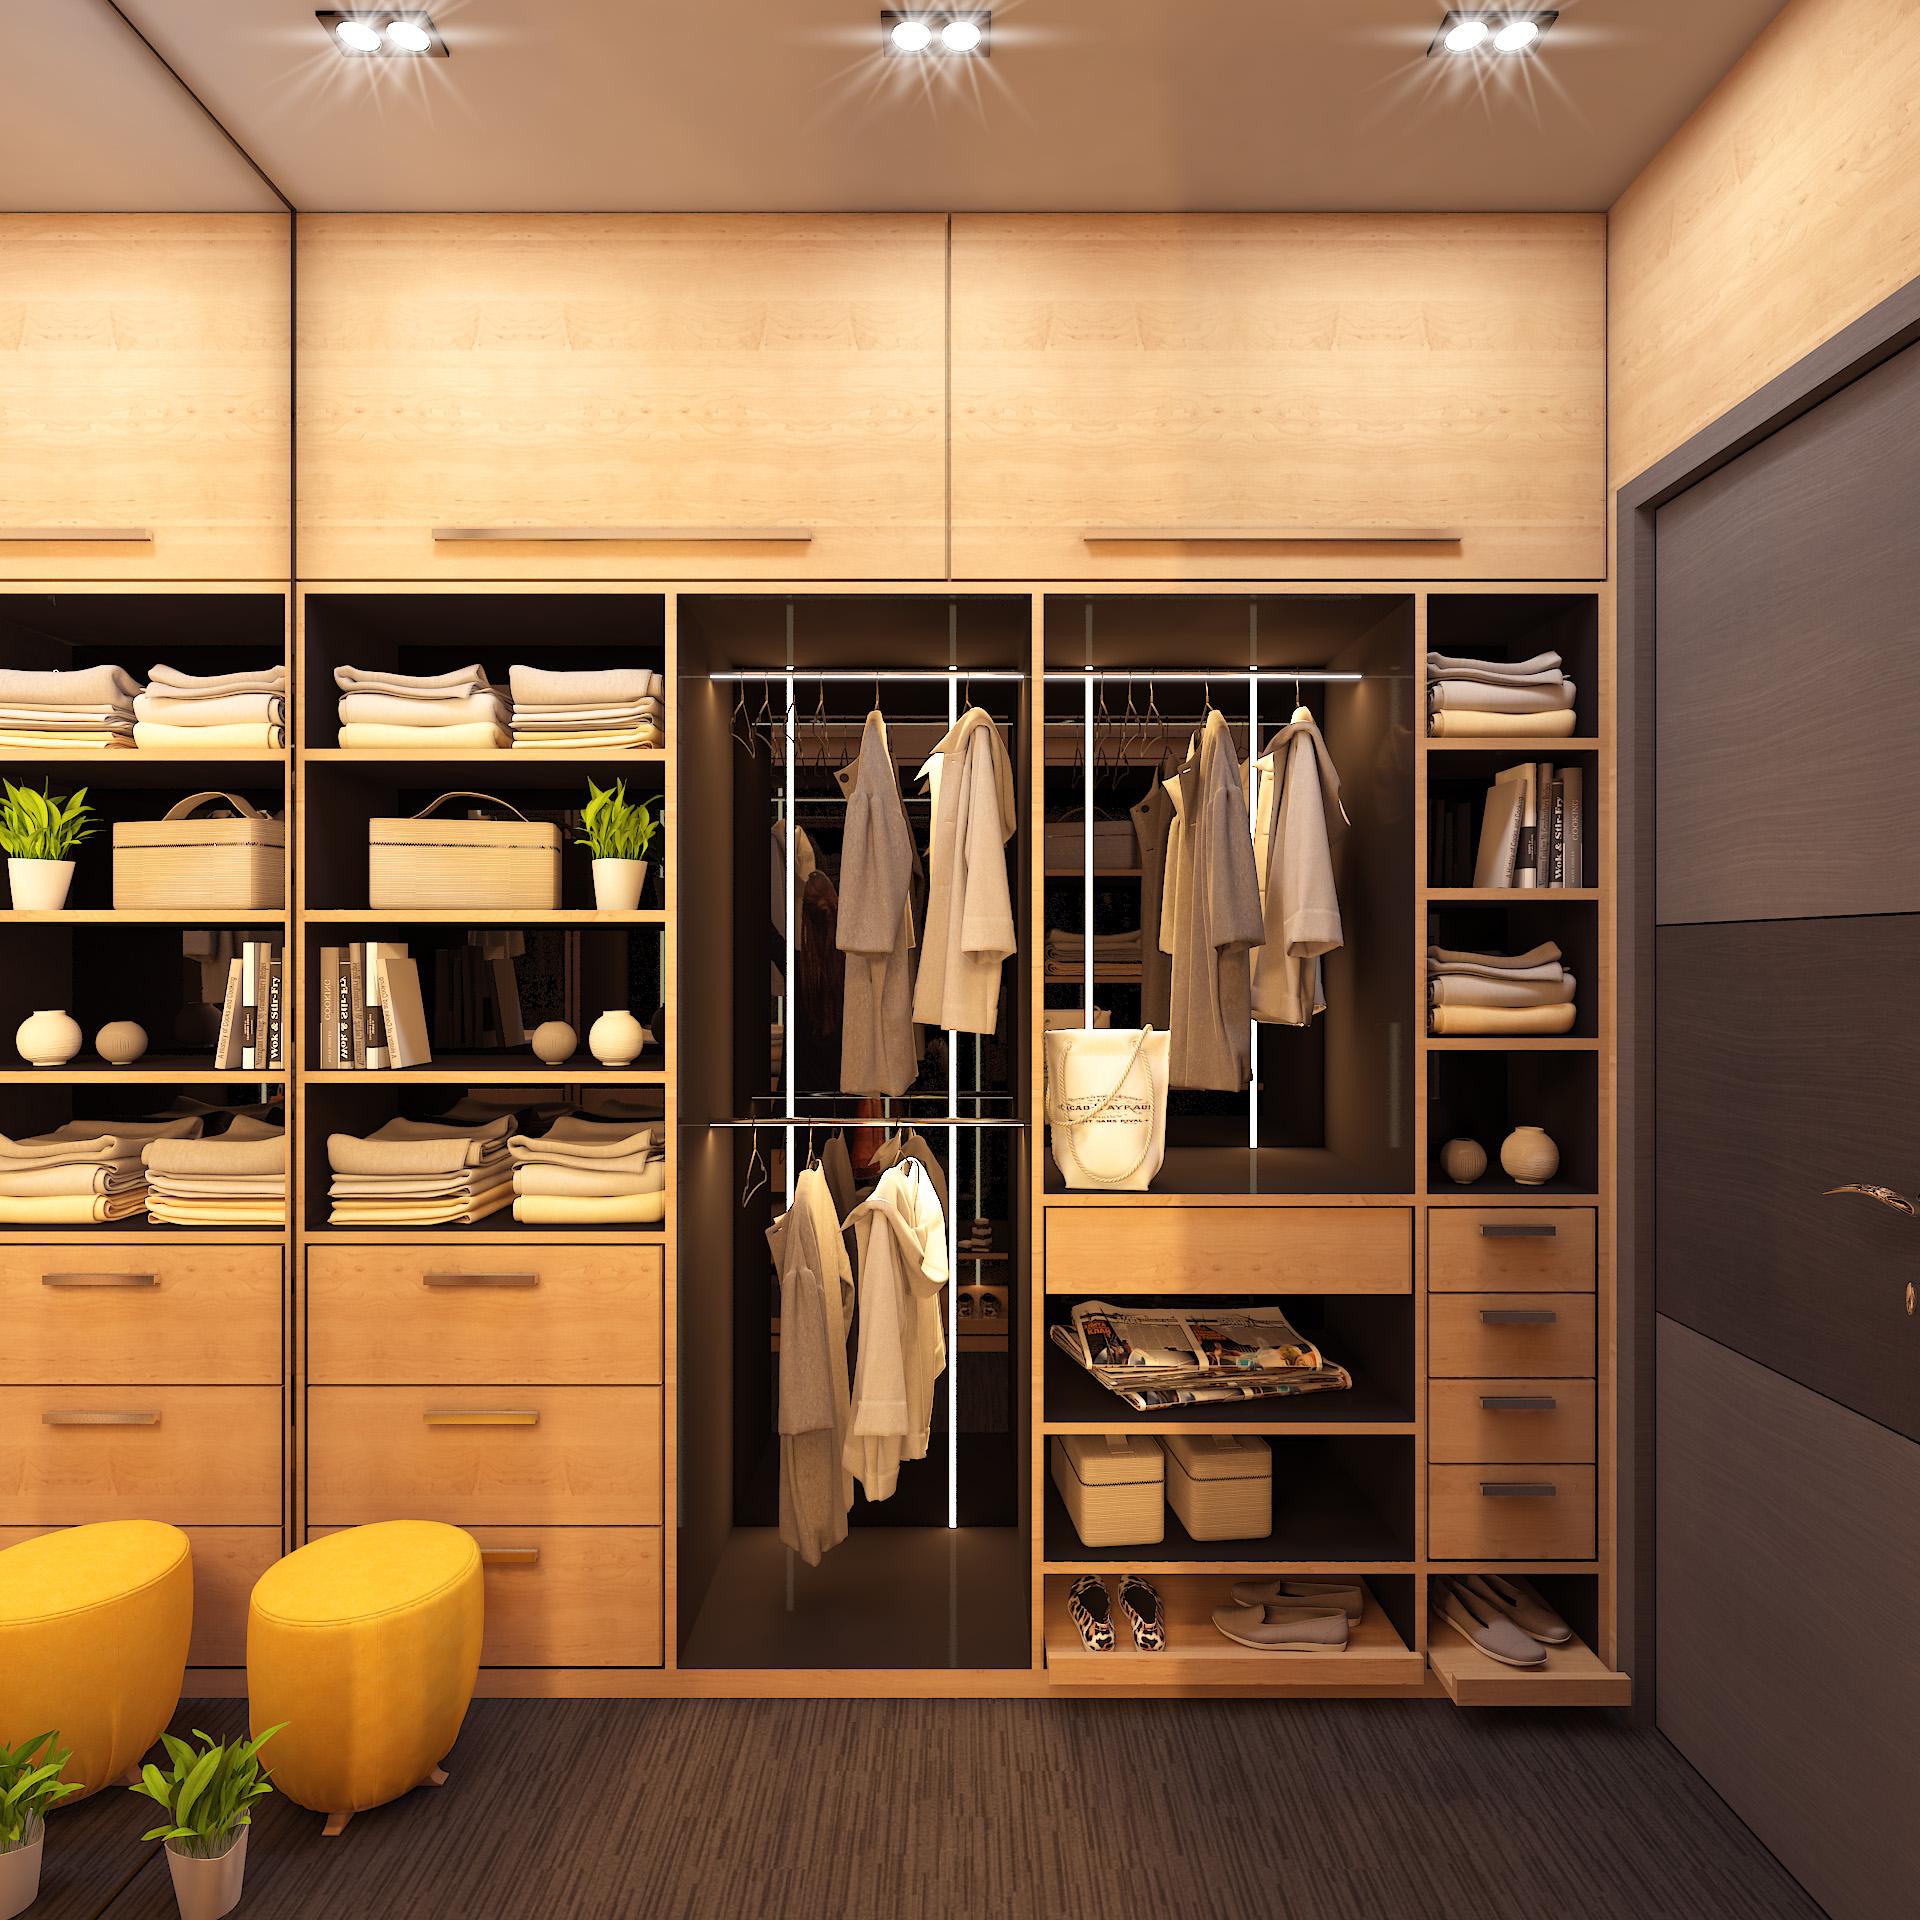 Residential Bedroom Closet Interior Design in Siliguri